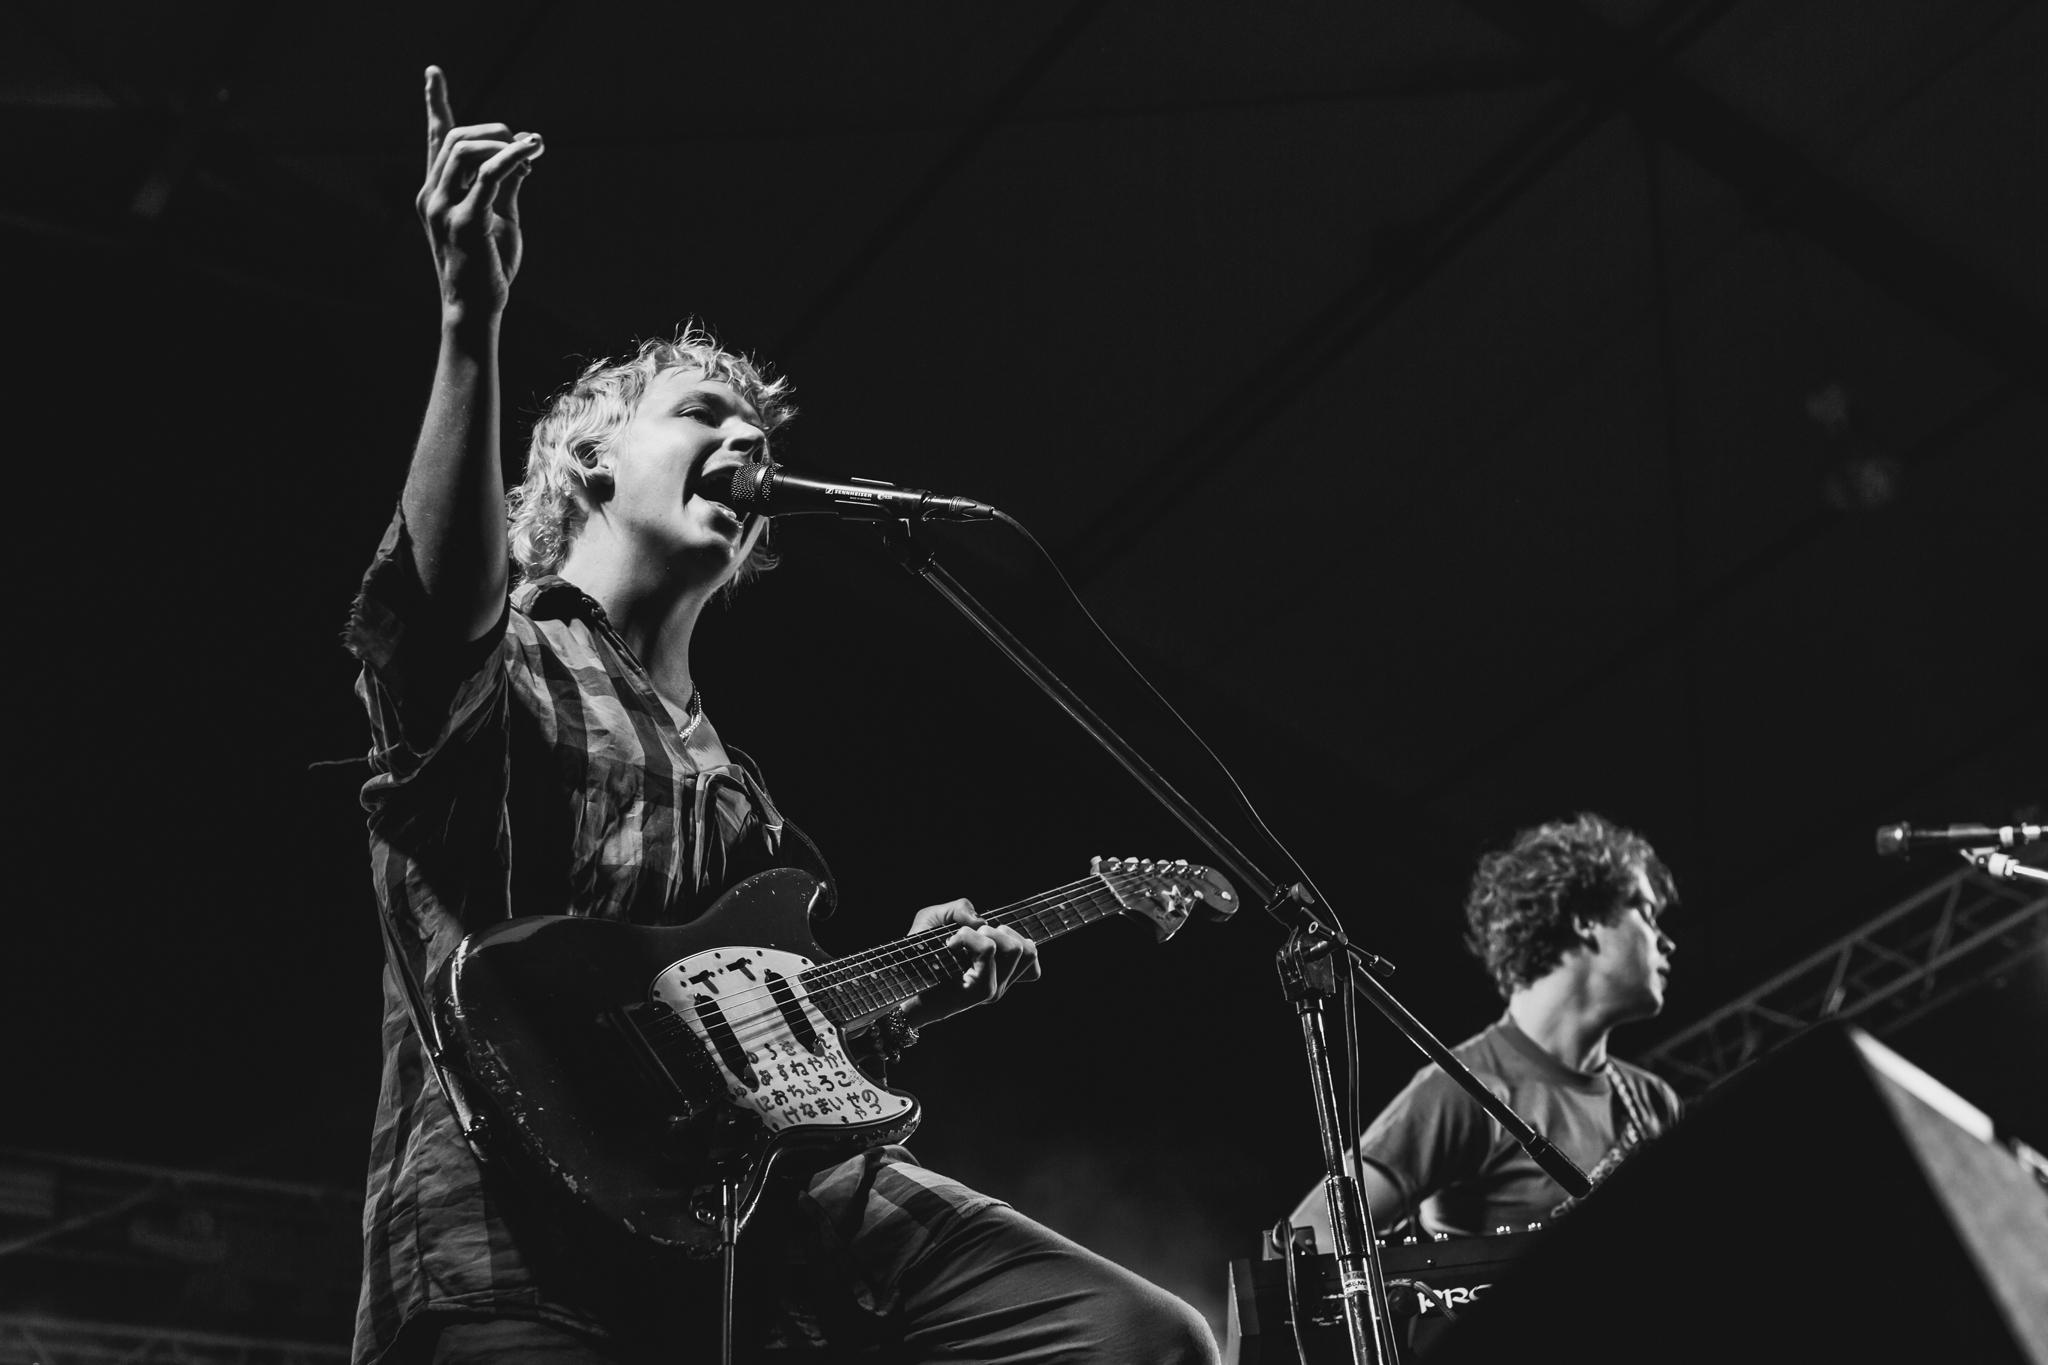 Mitch Lowe Photo - Gizzfest 2016 - Pond-5606.jpg